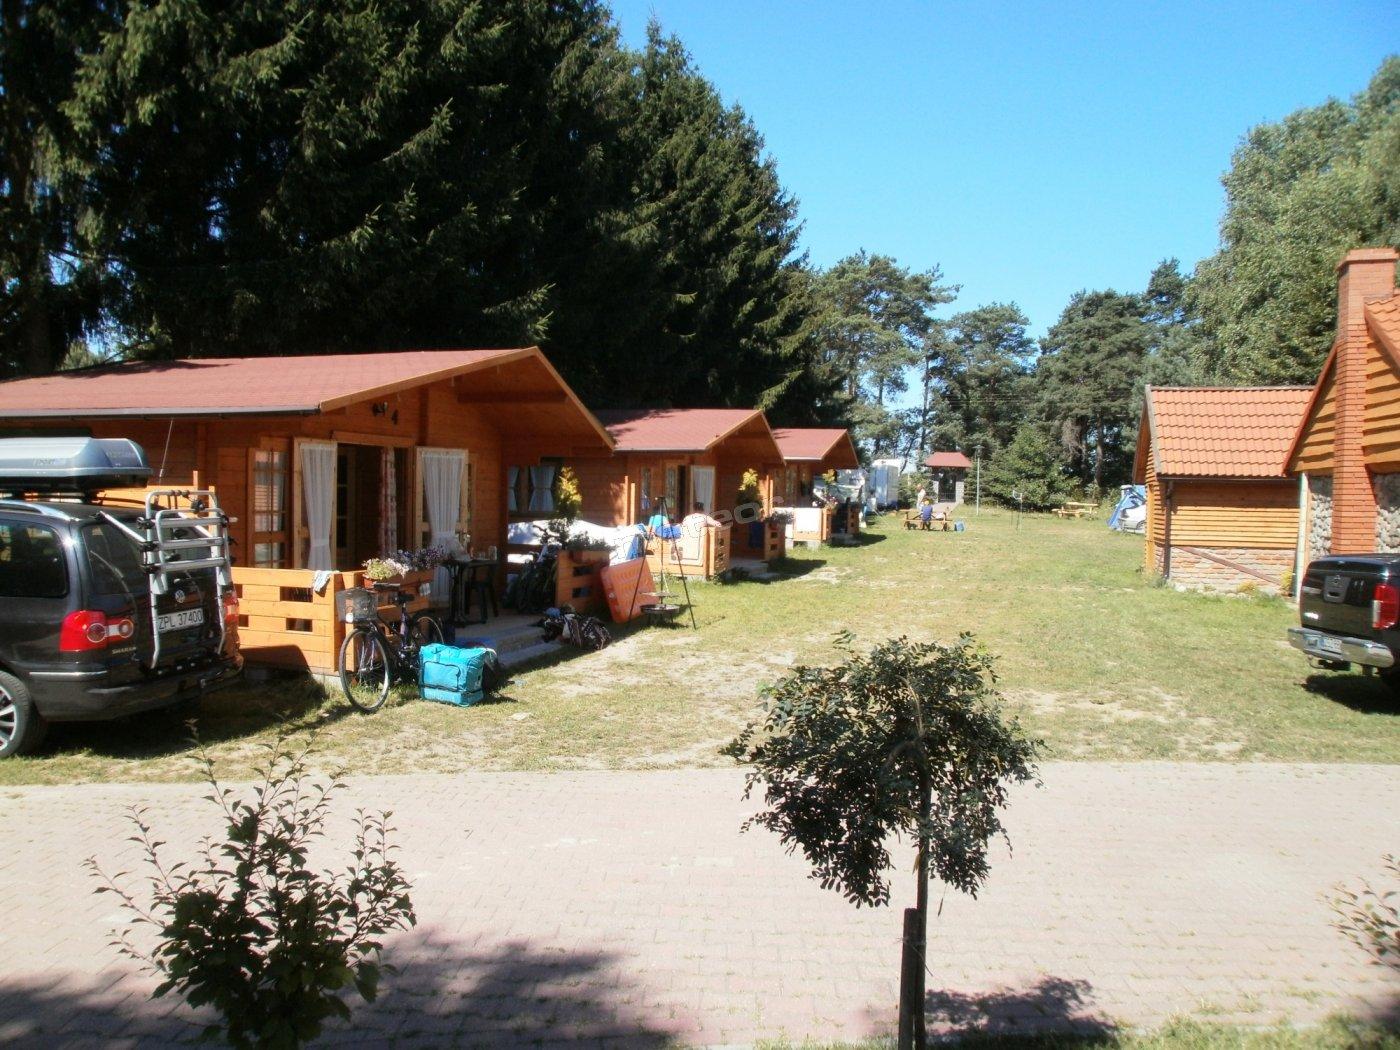 Domki drewniane nowo postawione 4 osobowe z możliwością dostawki salonik z aneksem kuchennym,sypialnia,łazienka oraz taras